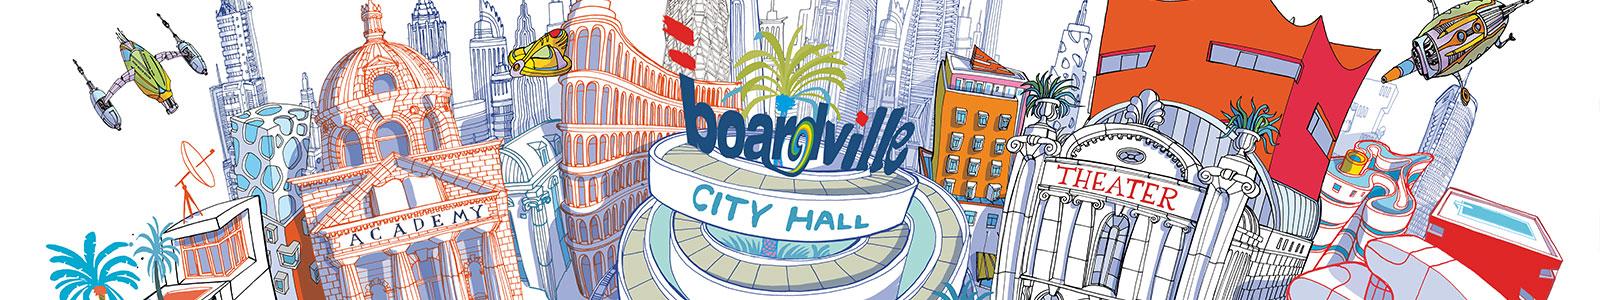 Melbourne BOARDVille Event - LightARC